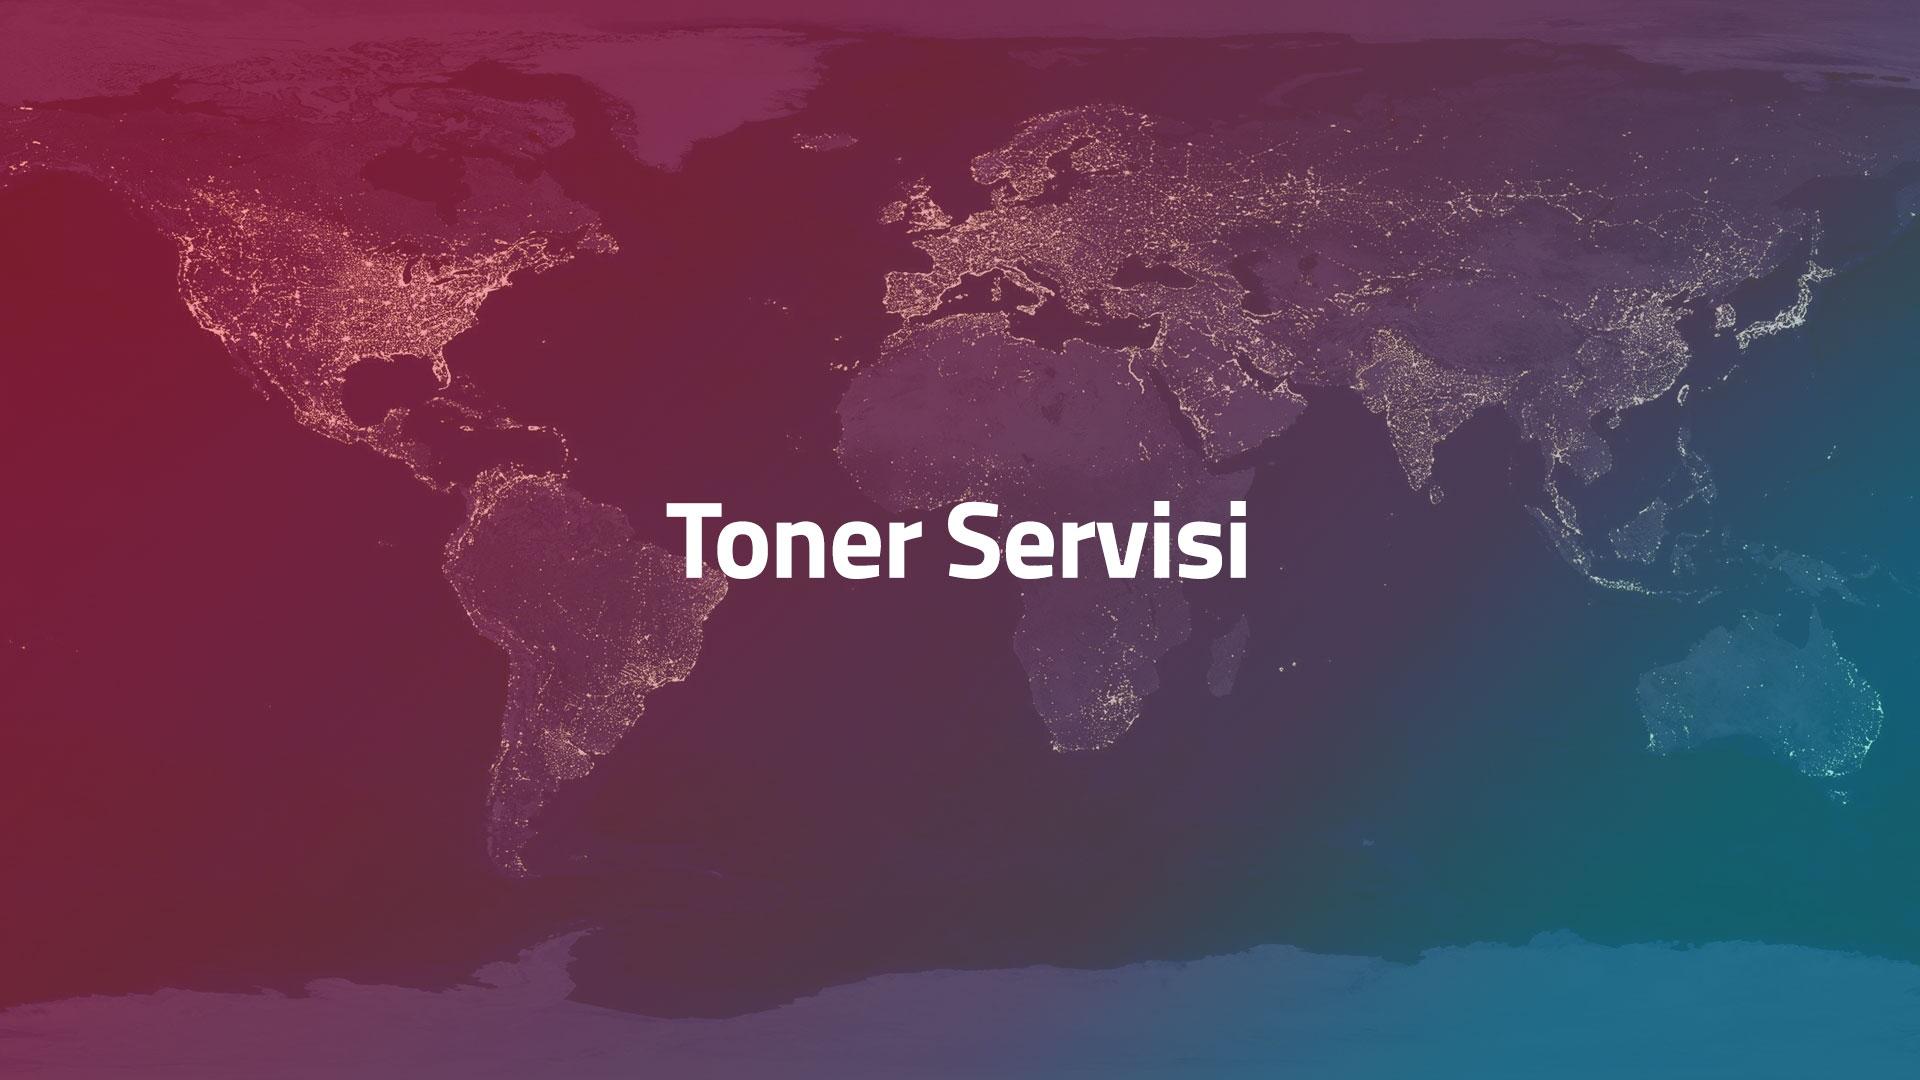 Toner Servisi